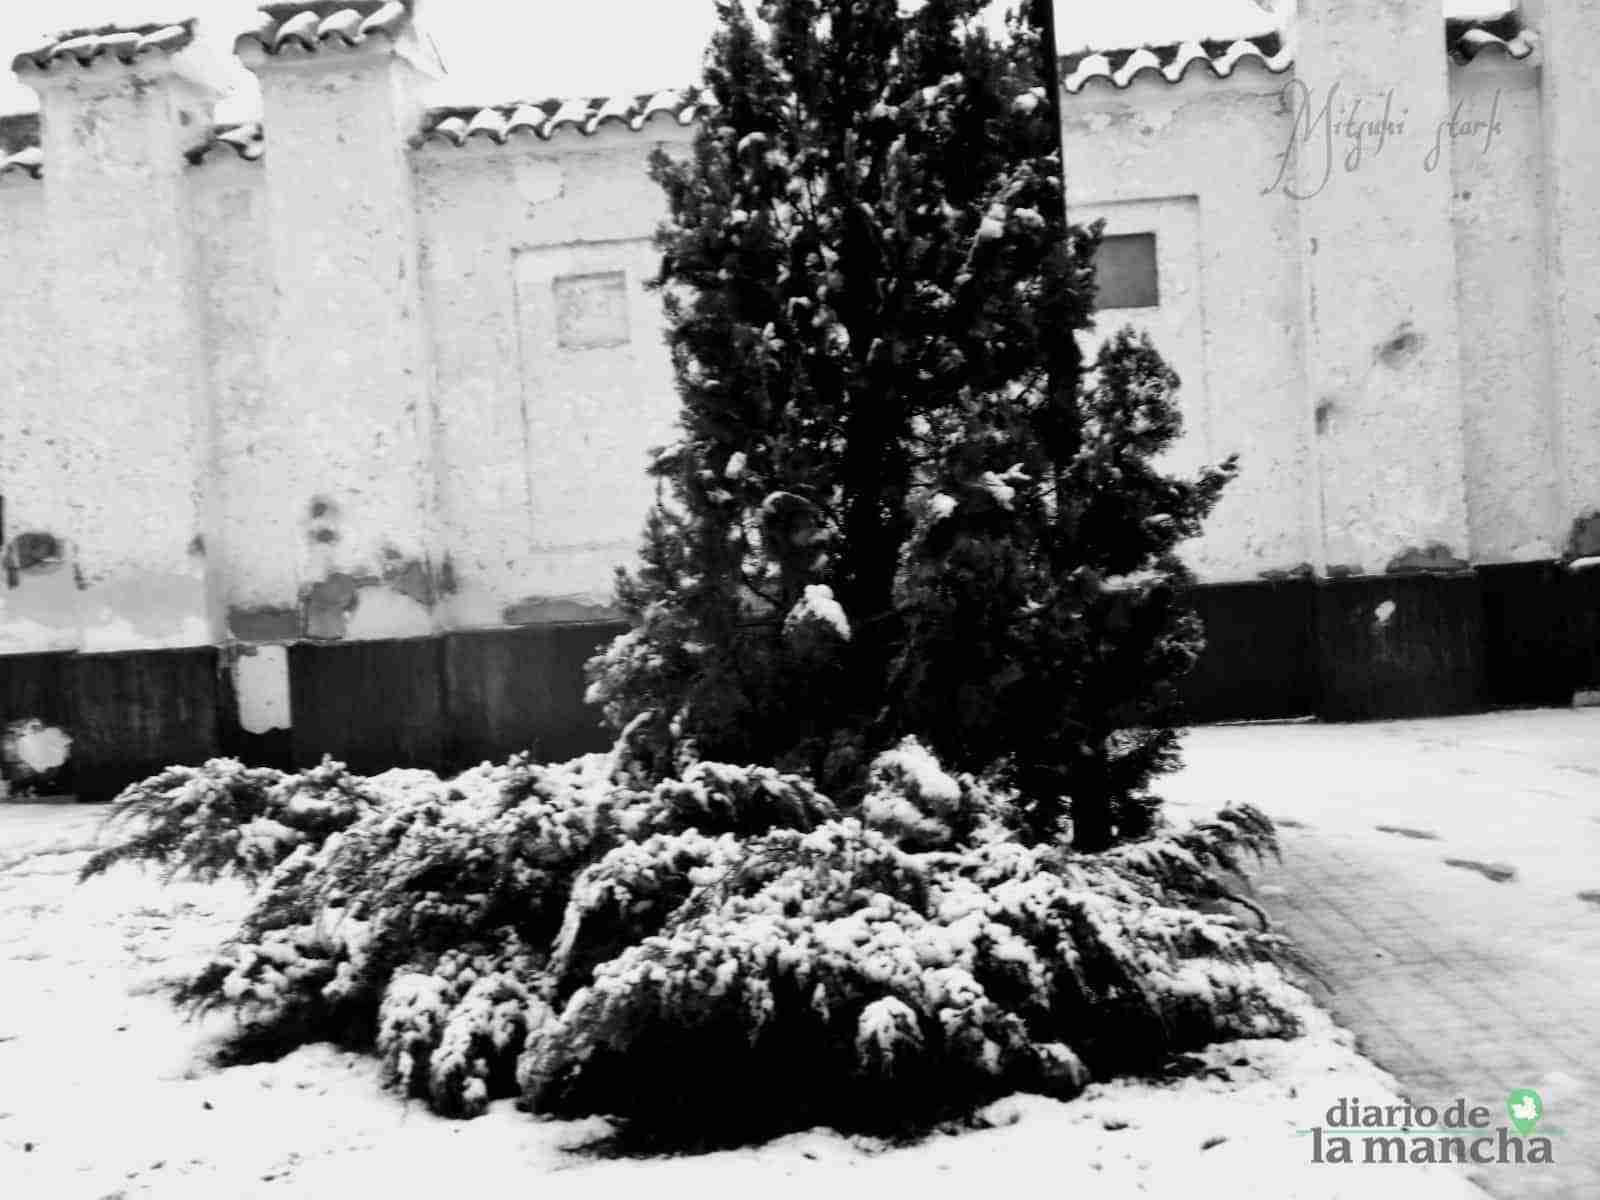 Fotografías de la primera nevada de 2021 en Tomelloso 36